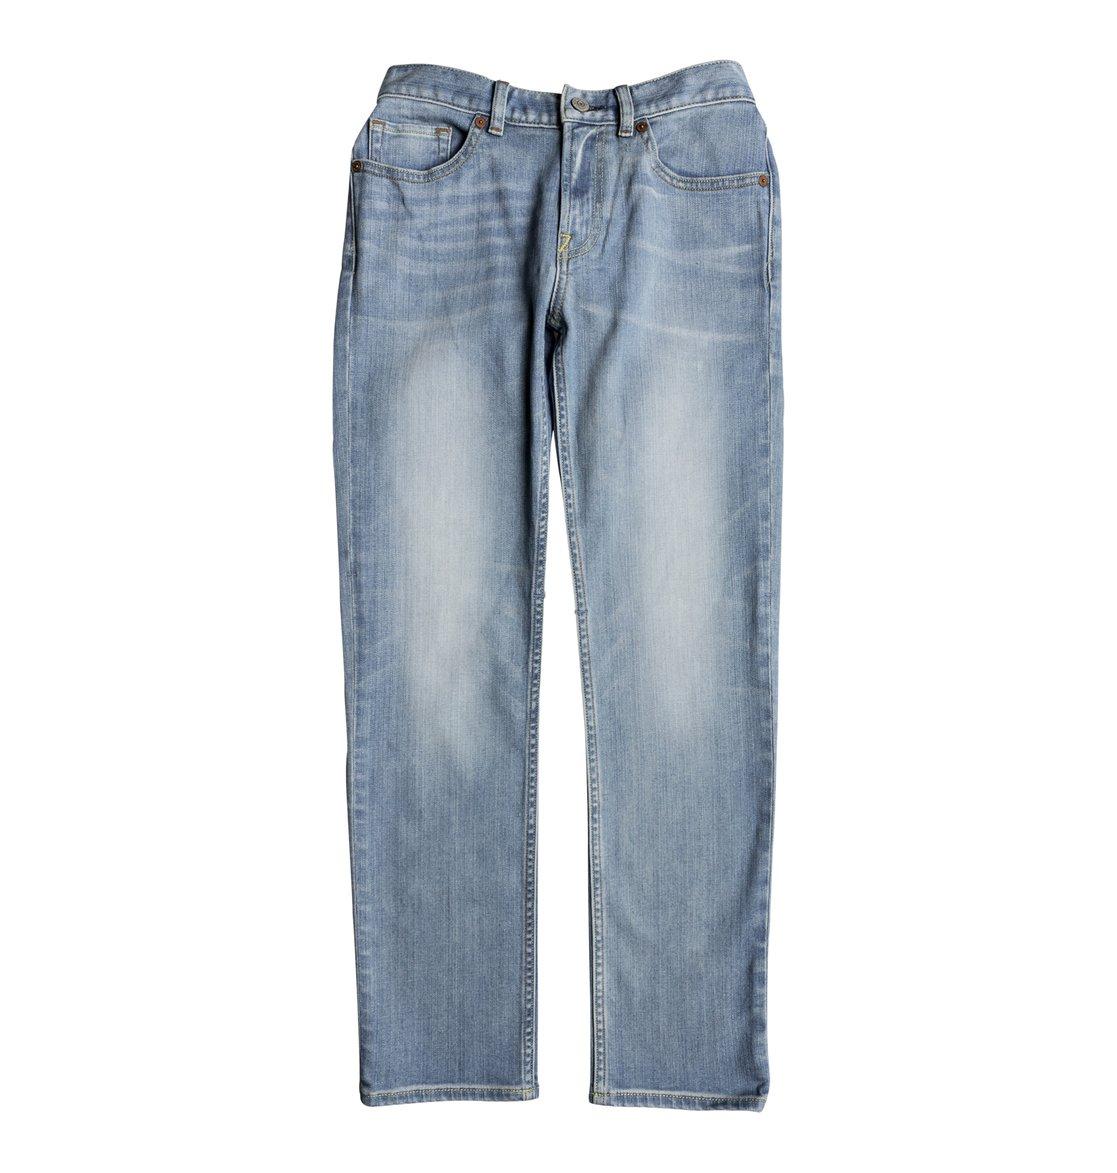 Прямые джинсы Worker Light Indigo Blue